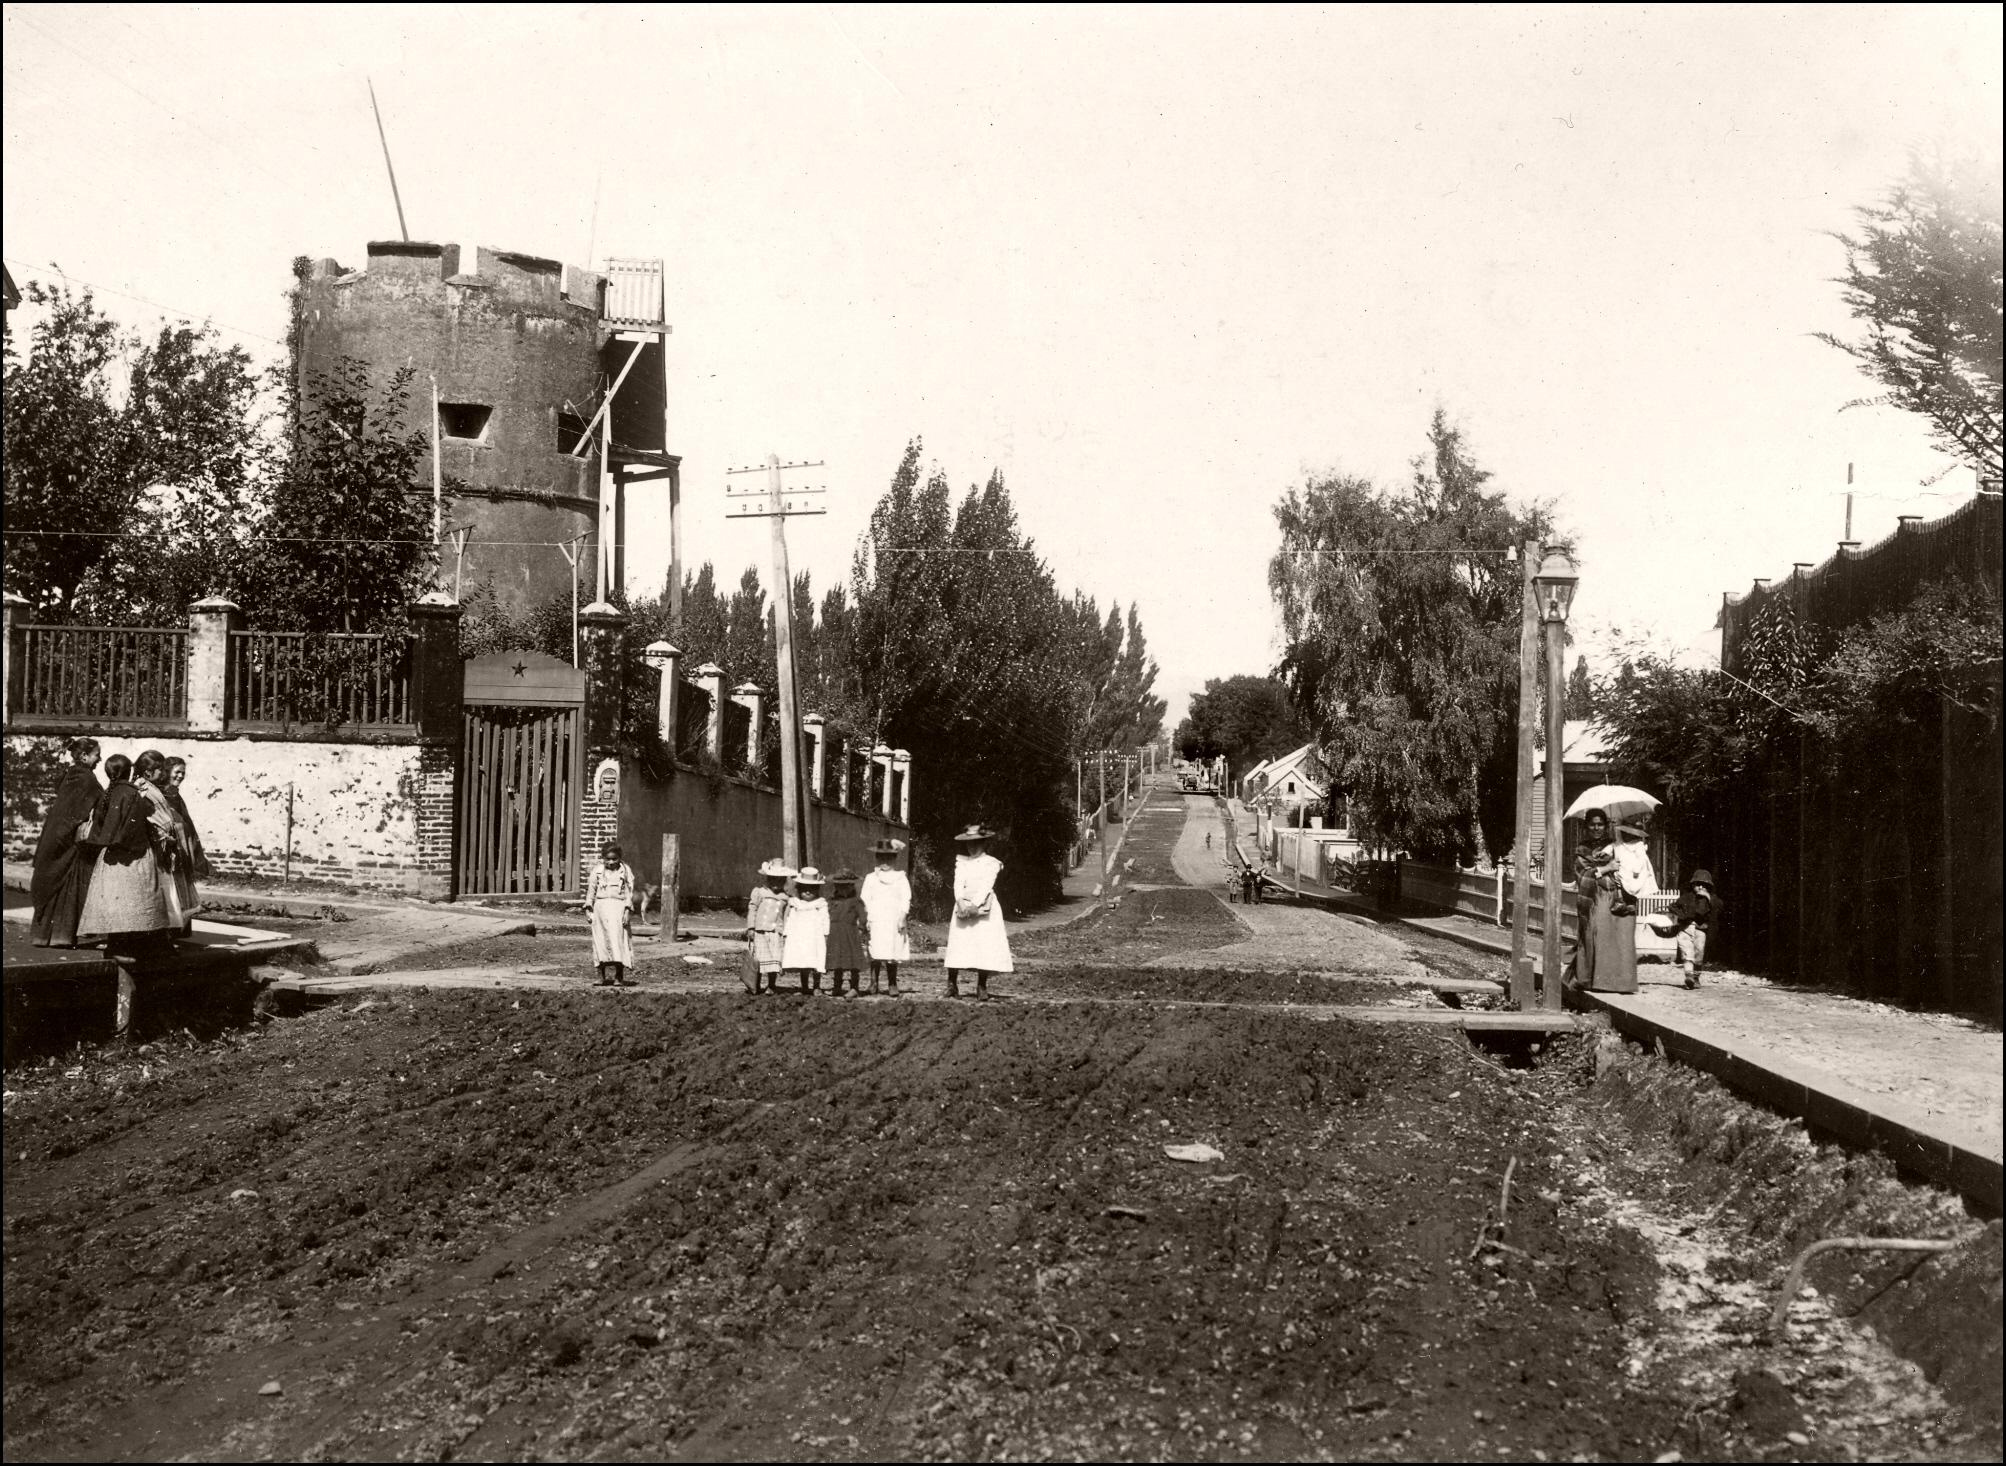 Enterreno - Fotos históricas de chile - fotos antiguas de Chile - Torreón colonial en Valdivia, 1901